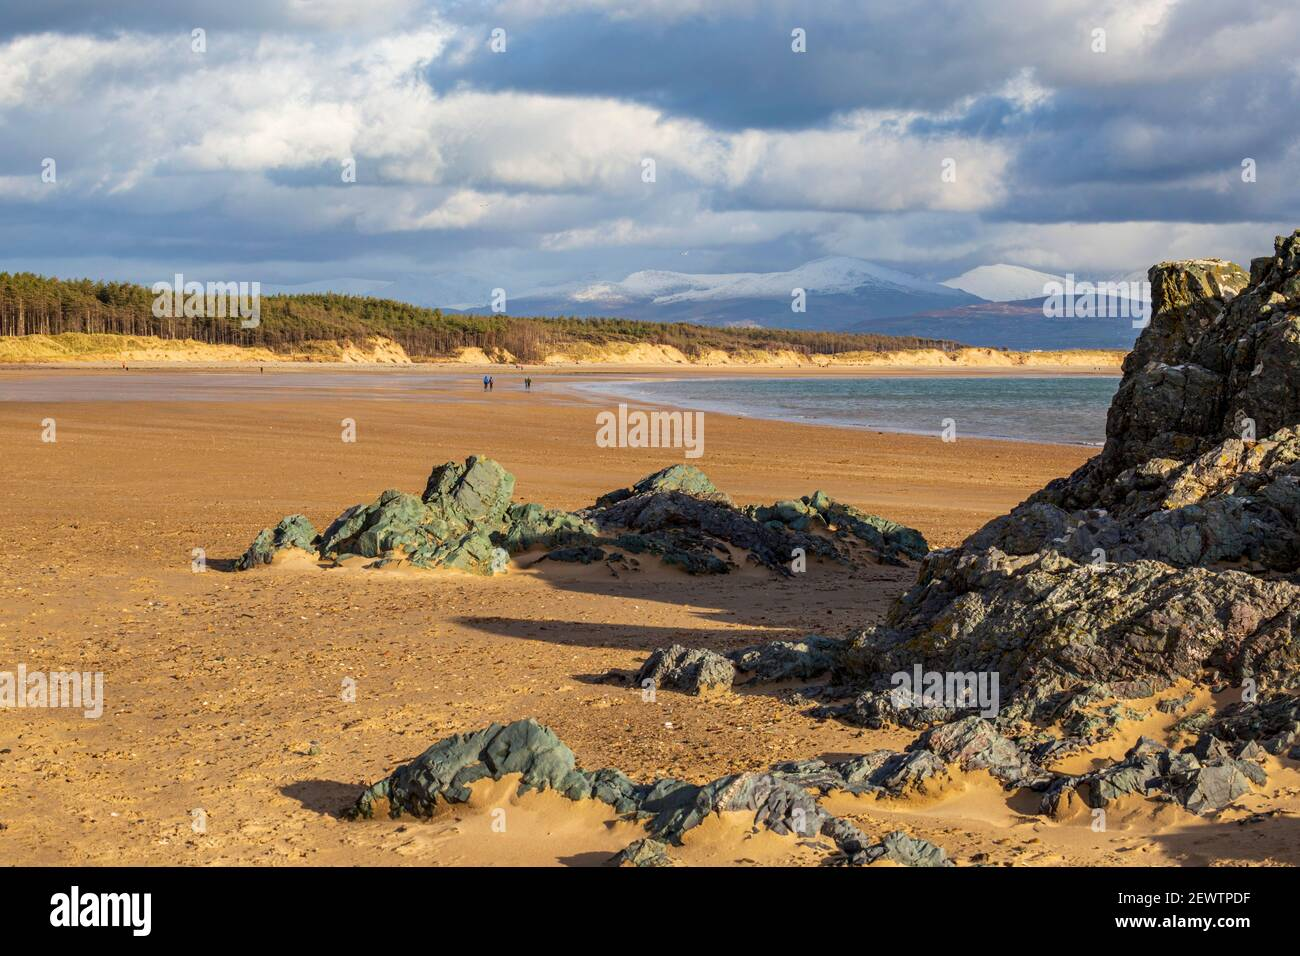 Lava a cuscino sulla riva settentrionale dell'isola di Llanddwyn e della spiaggia di Newborough, Isola di Anglesey, Galles Foto Stock